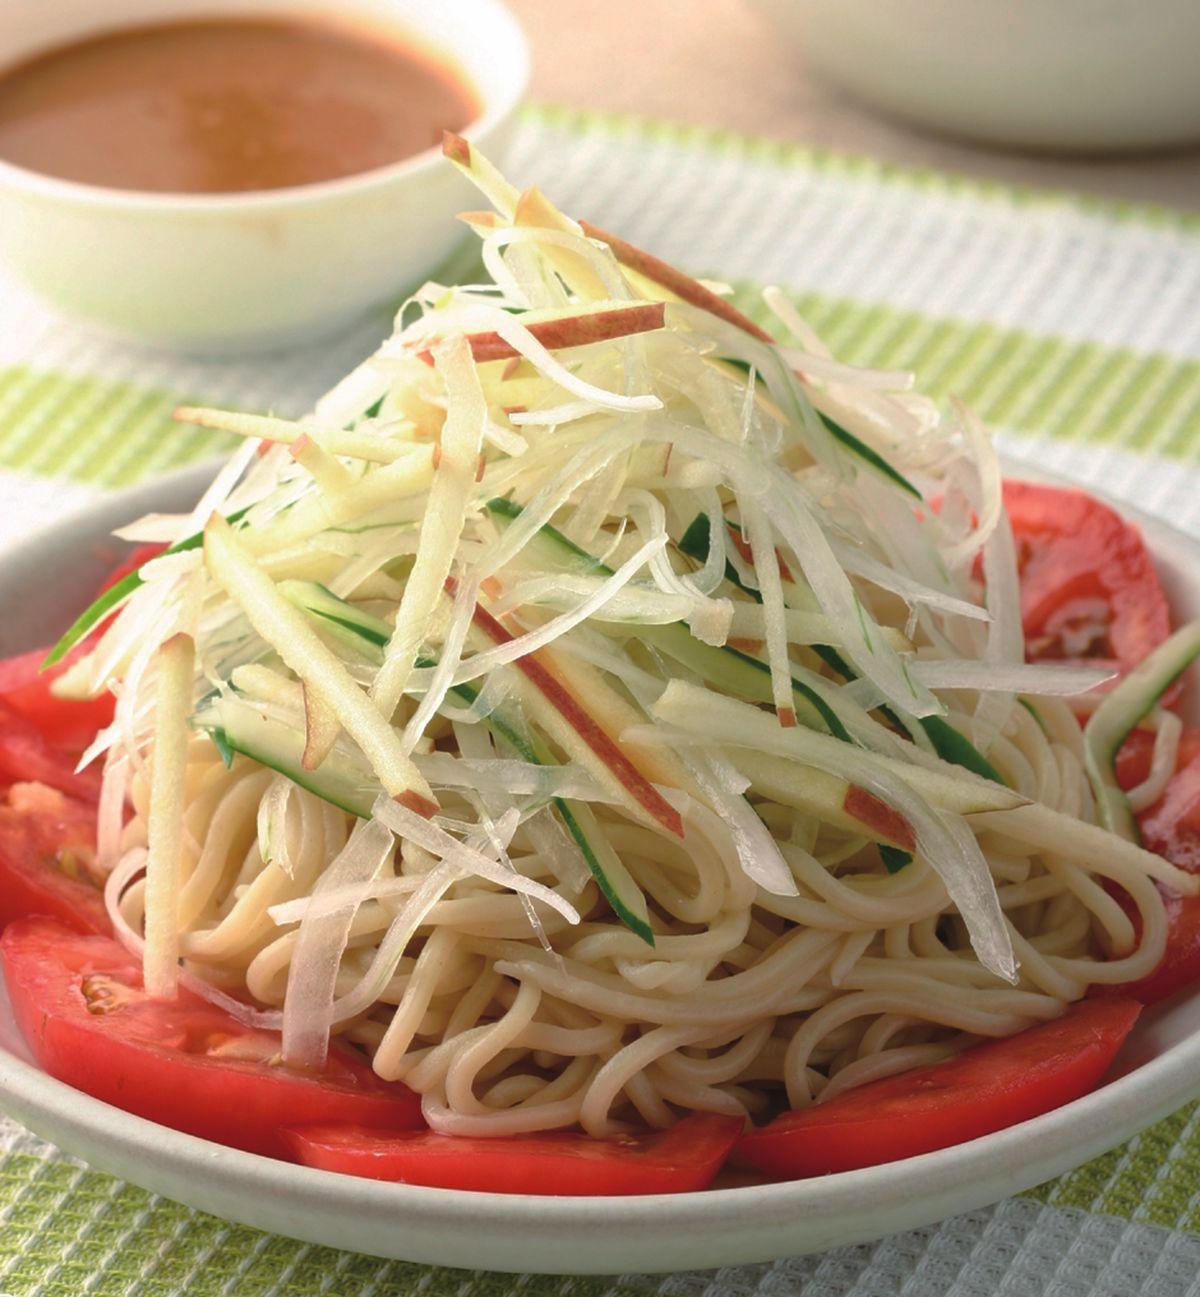 食譜:芝麻醬拌冷麵